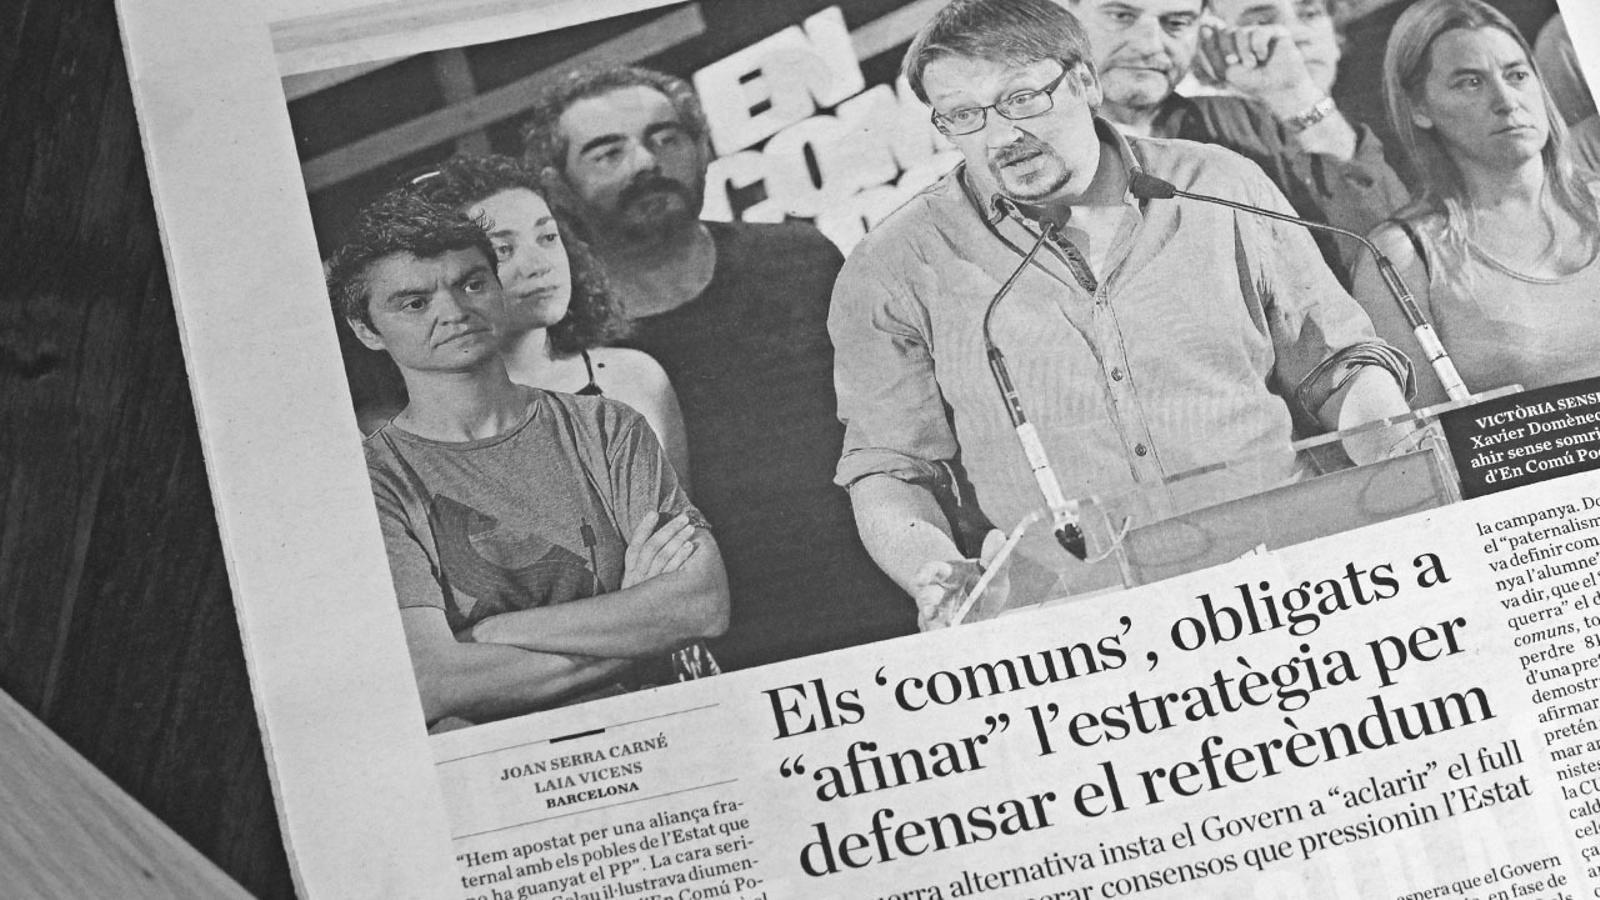 L'anàlisi d'Antoni Bassas: Temps de refer consensos